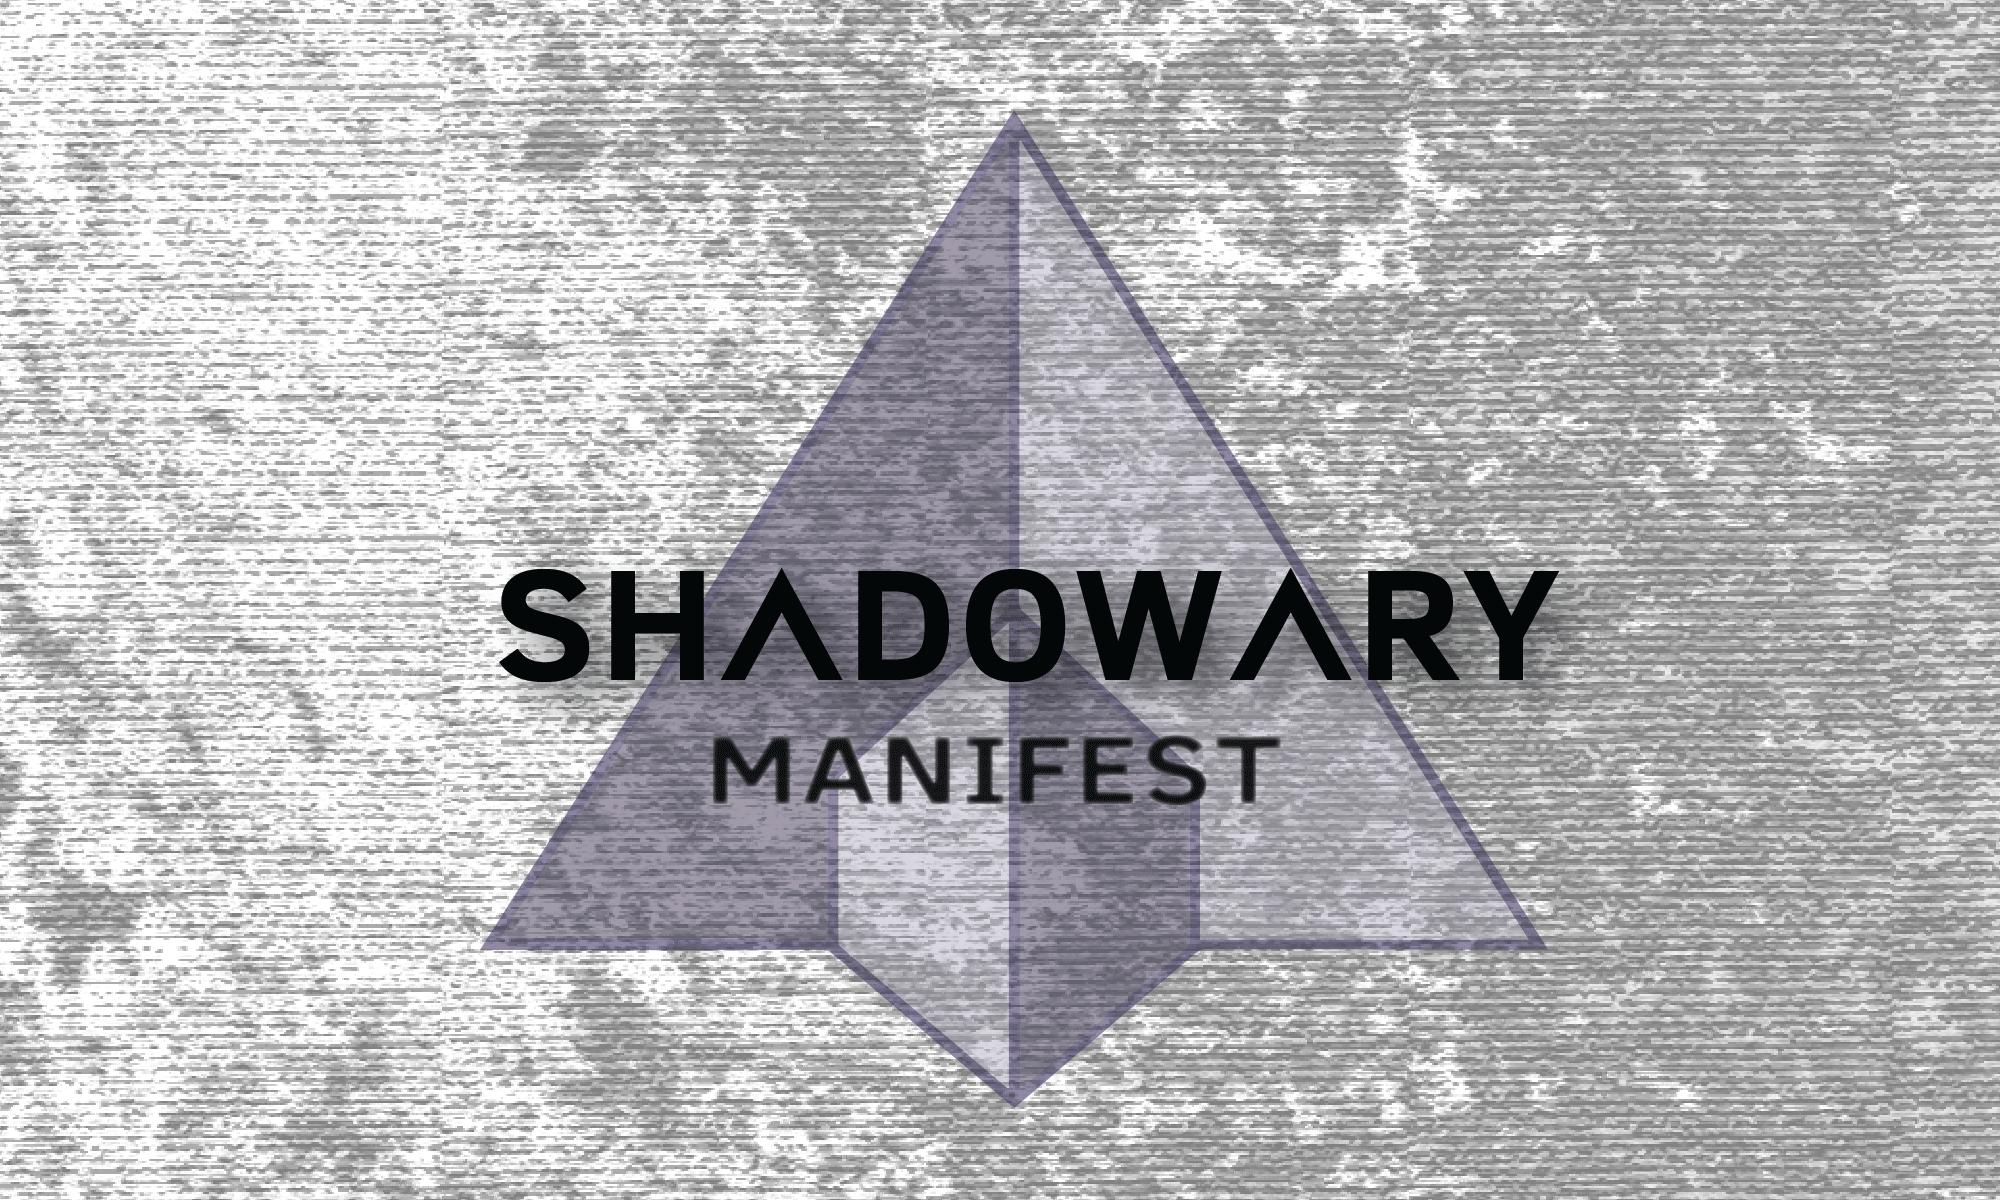 Shadowary